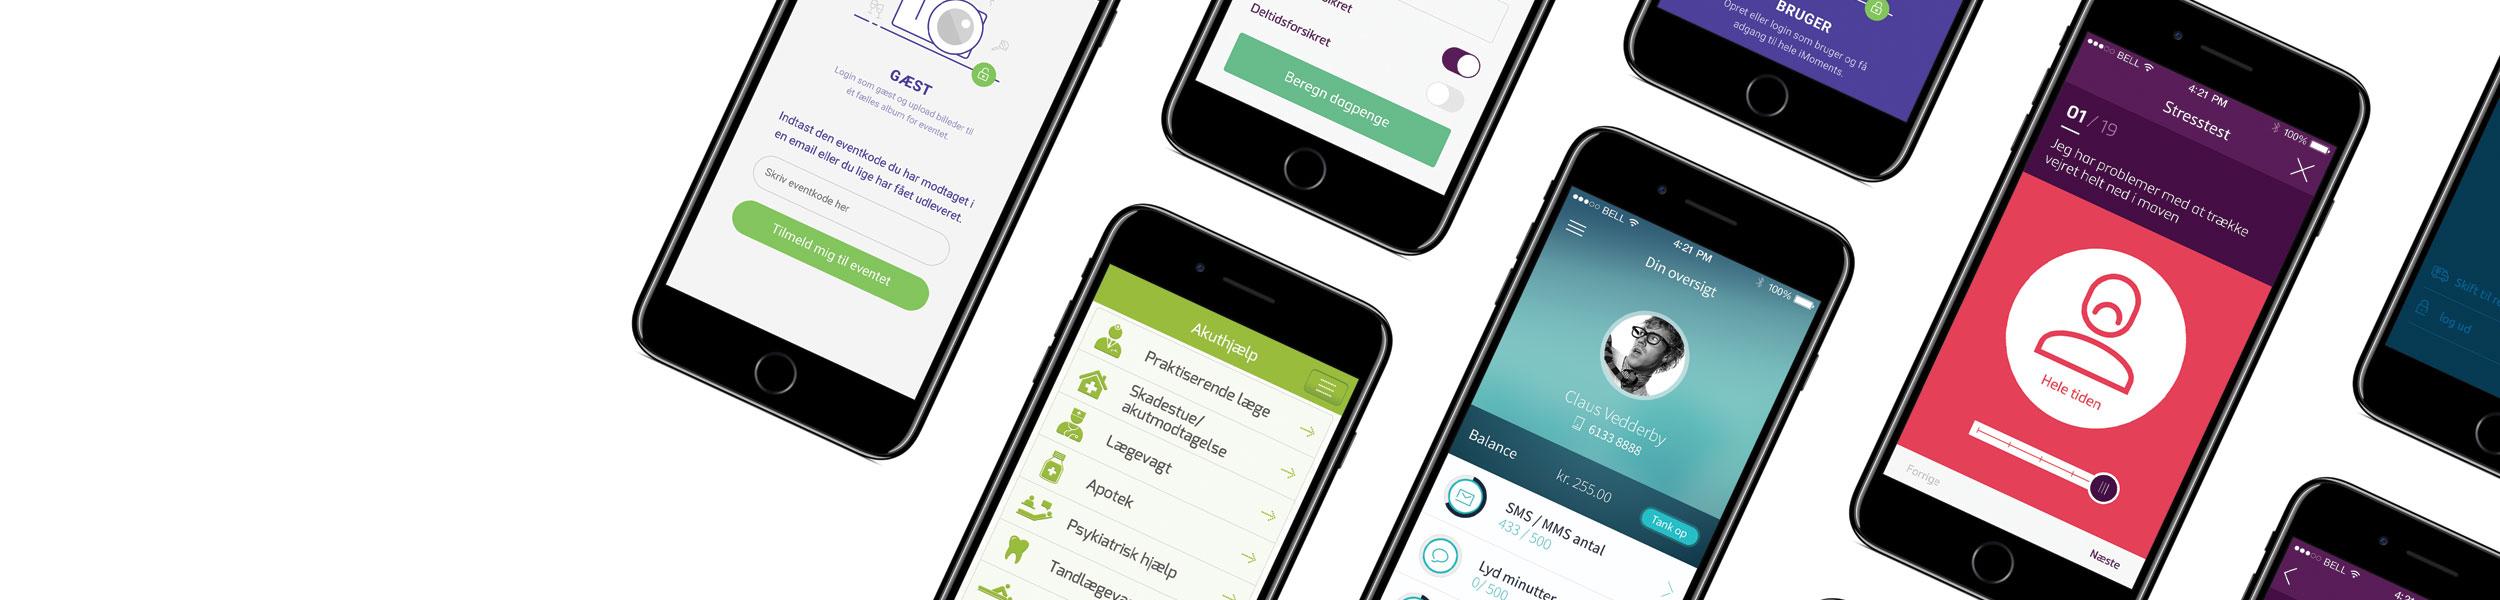 Sådan optimerer du dit app-design